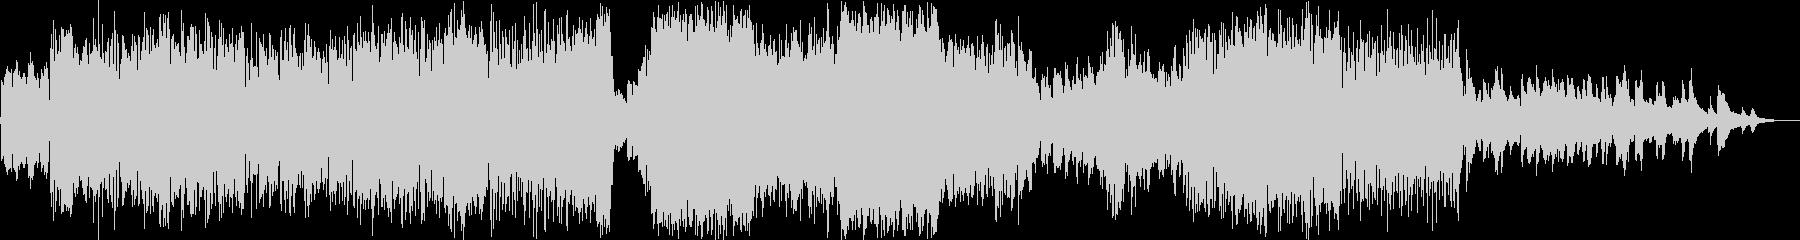 アイリッシュ ケルトの未再生の波形